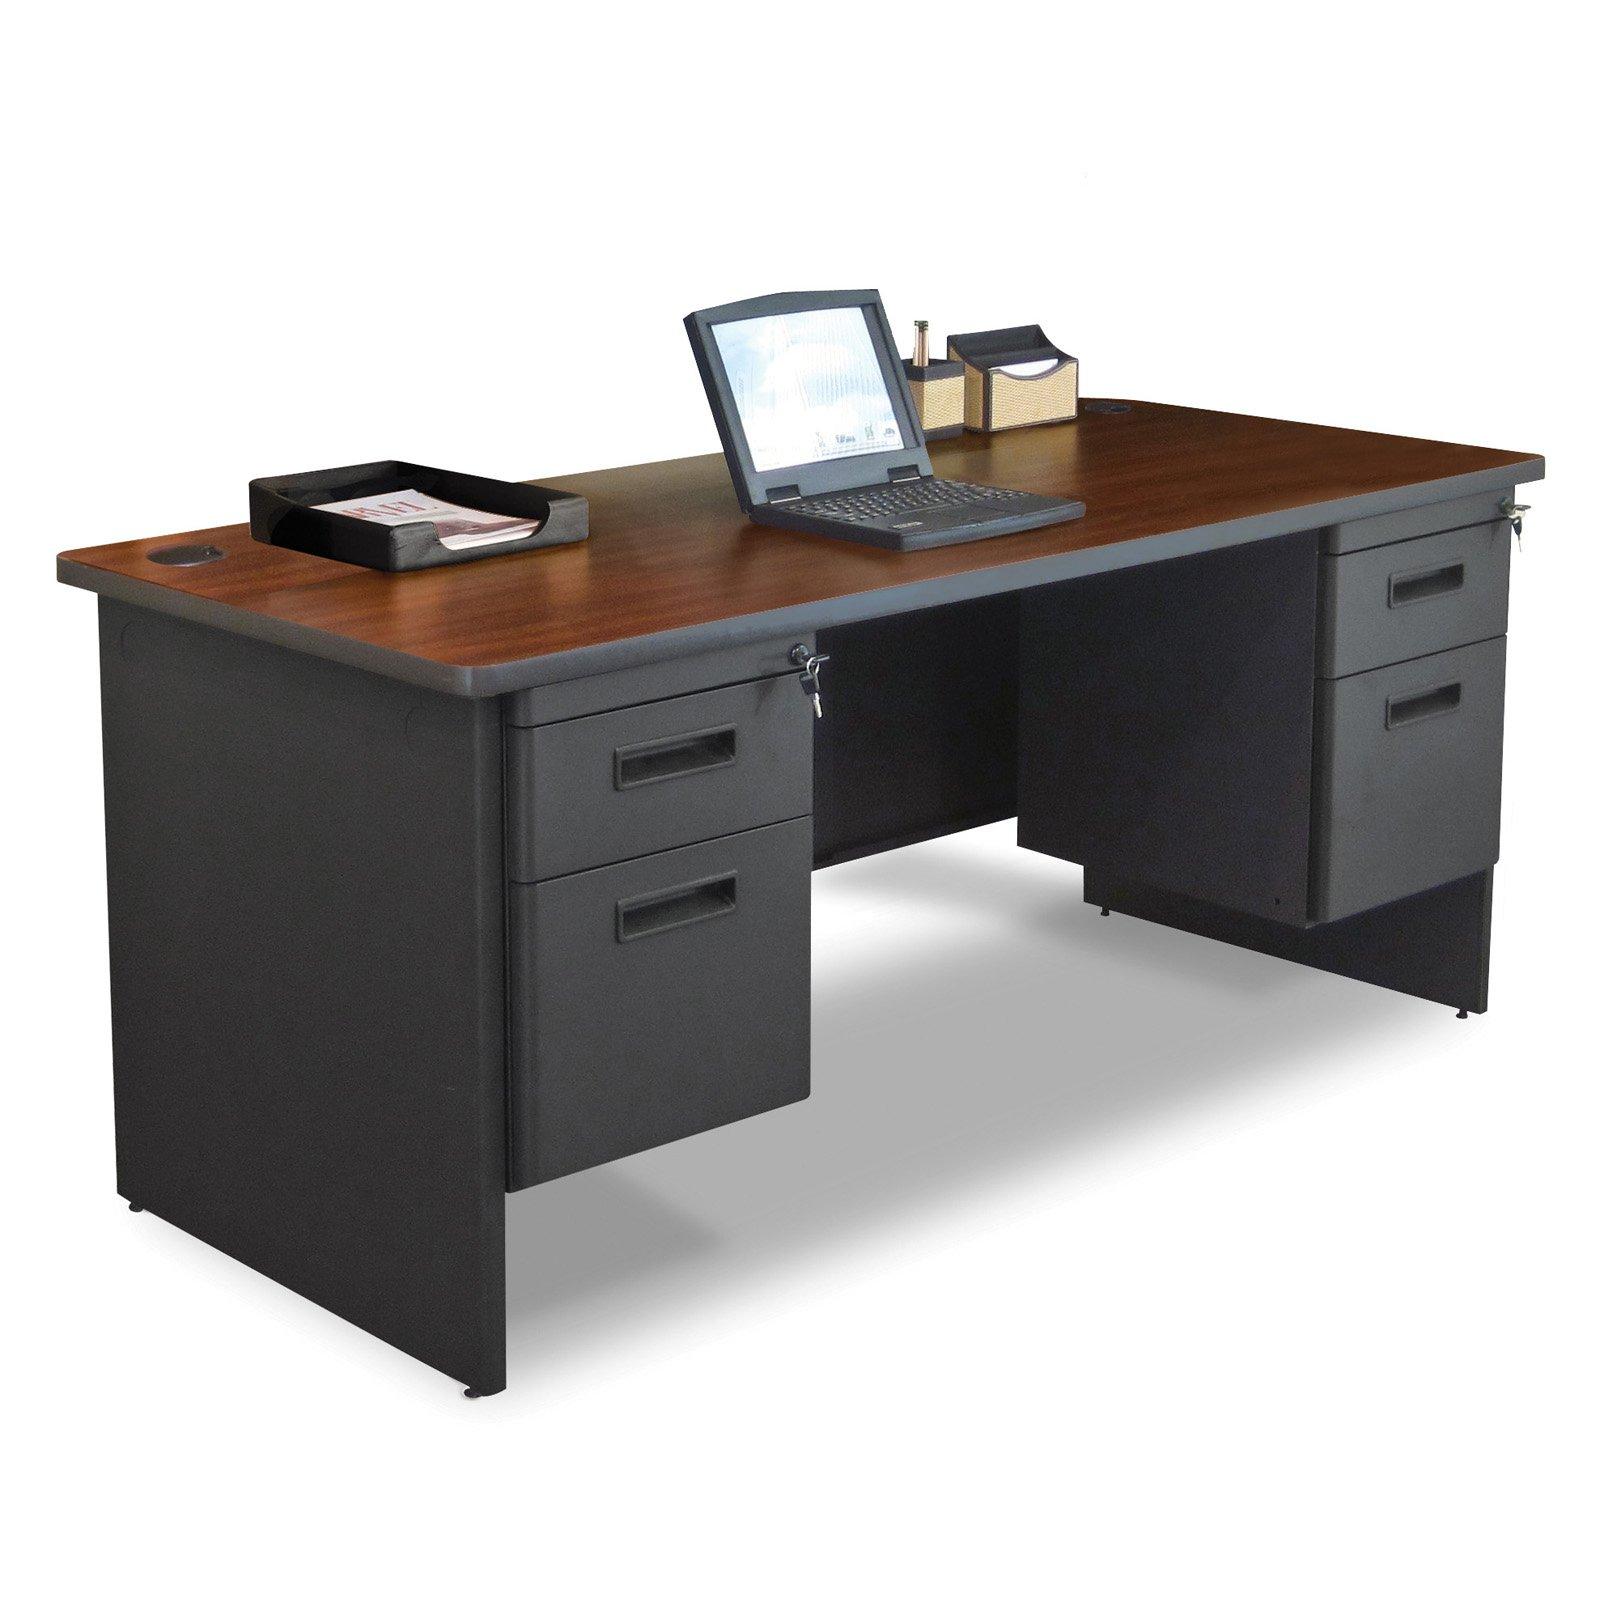 Pronto Double Pedestal Desk MVLPDR6630DPDTMA